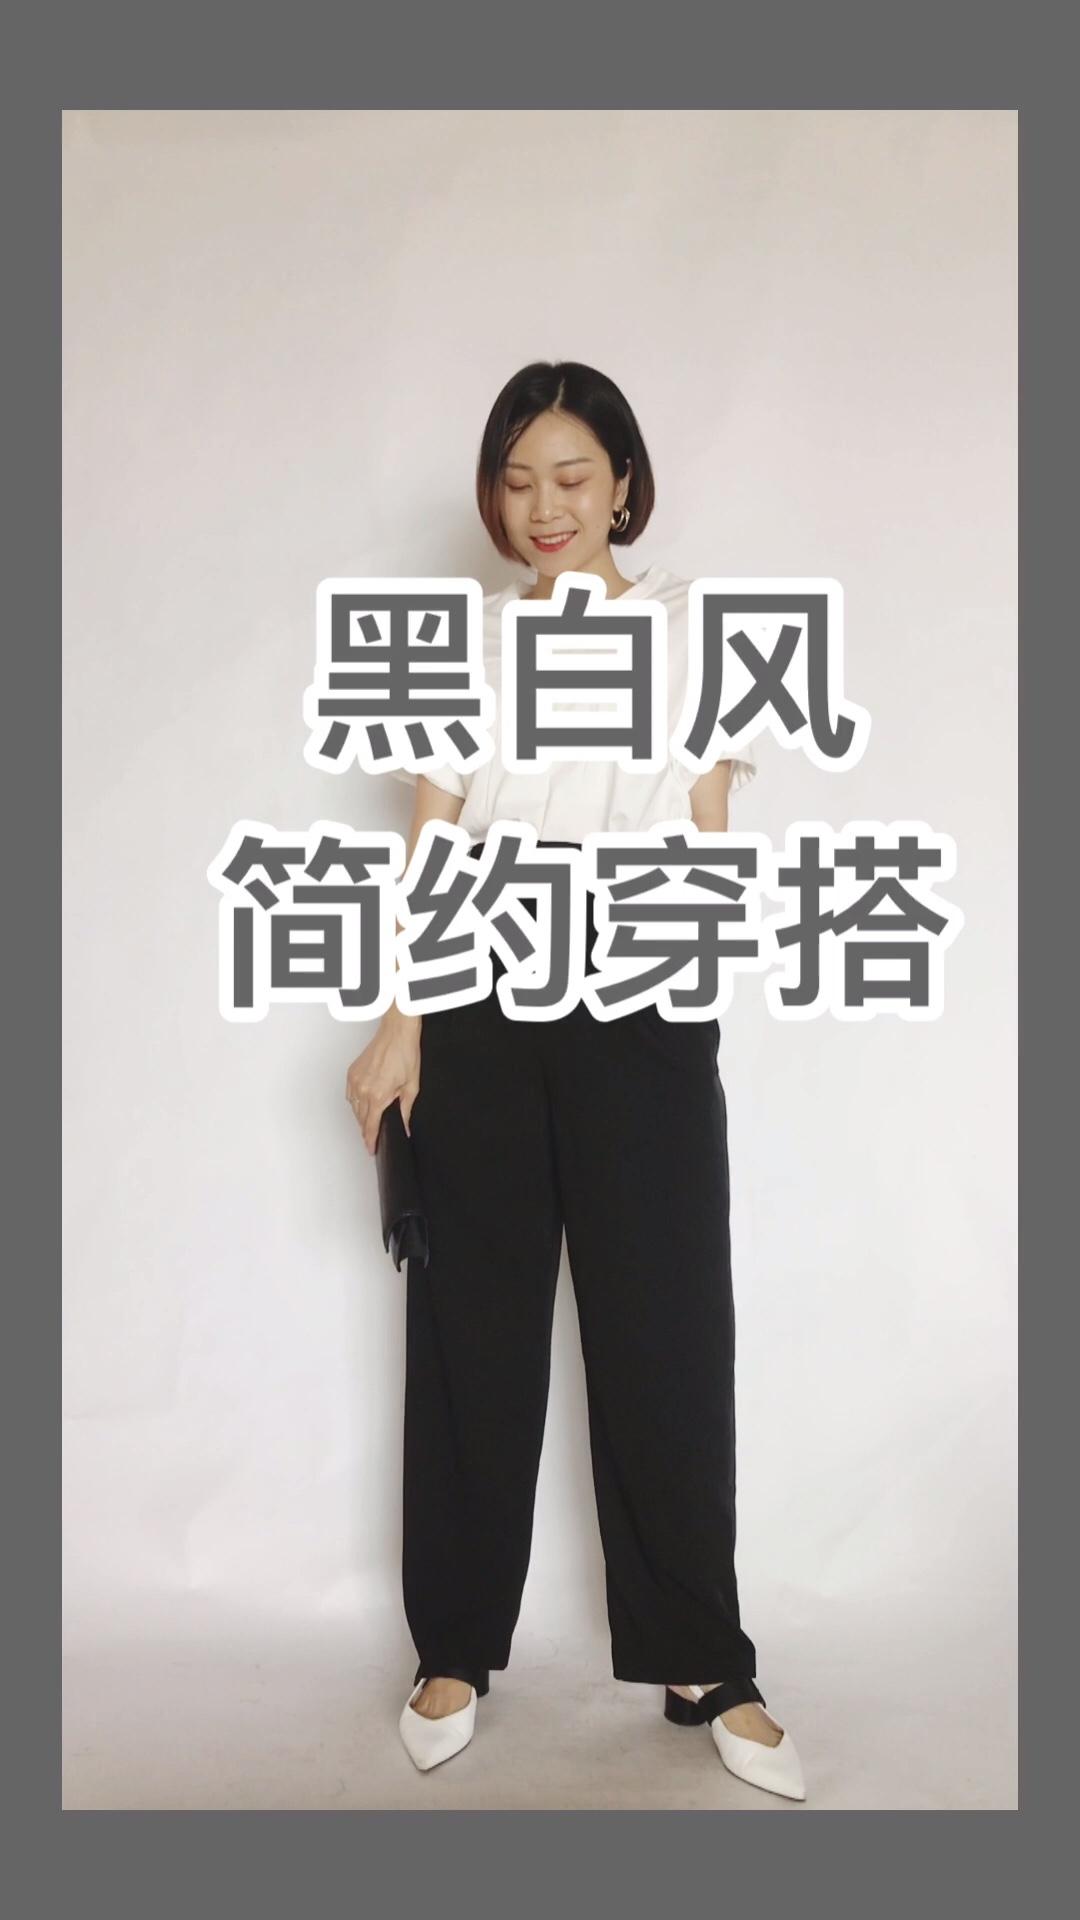 #志林姐姐的大长腿我也可以有!# 想要志玲姐姐的大长腿, 黑色高腰阔腿裤你指的拥有~ 显高显瘦,穿上腿长2米不是梦! 搭配了白的色t,简洁大方~ 超级气质!